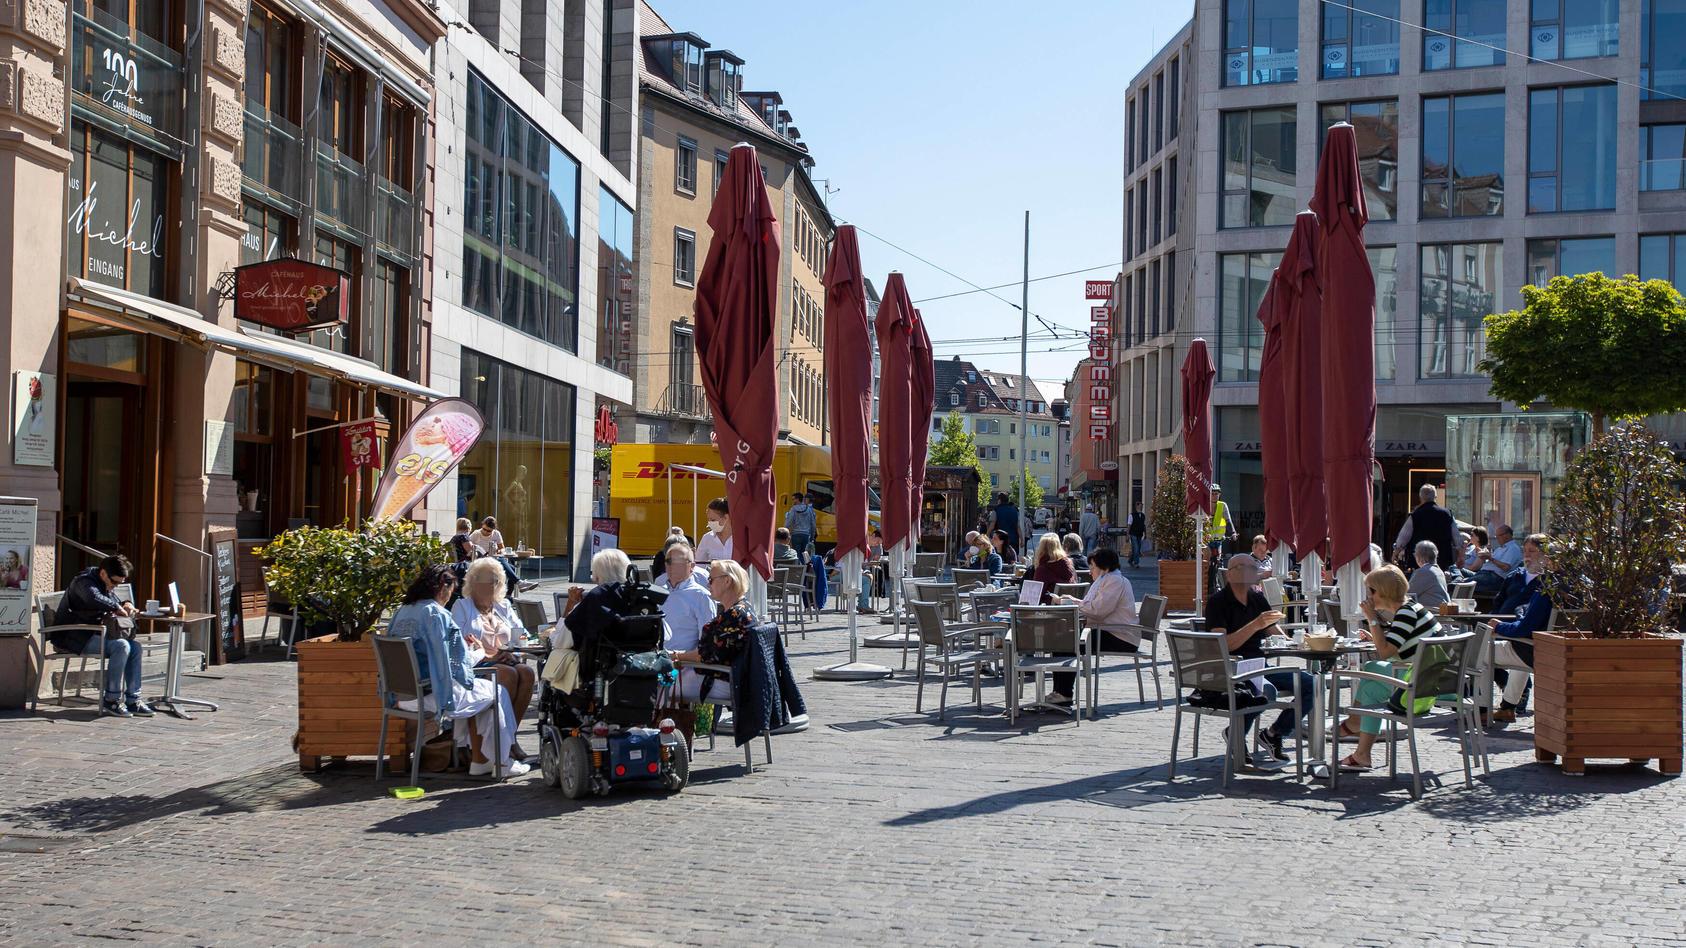 In einem Café in Würzburg sitzen die Menschen mit Abstand im Außenbereich.